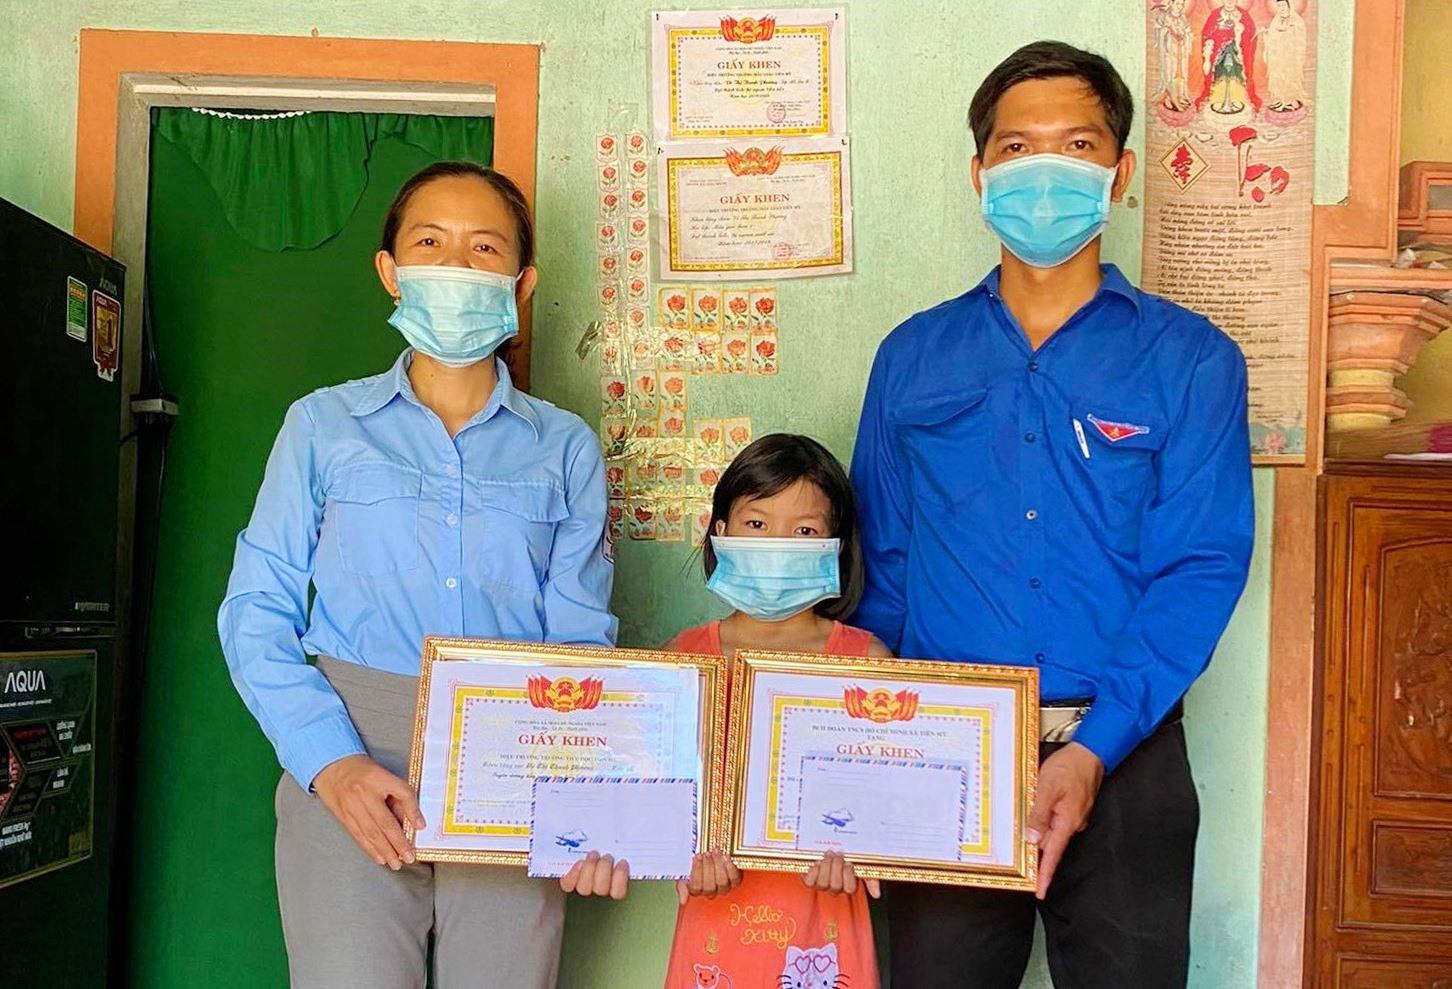 Đoàn thanh niên xã Tiên Mỹ và Liên đội trường Tiểu học Tiên Mỹ đến thăm tuyên dương khen thưởng em Võ Thị Thanh Phương, học sinh lớp 1C